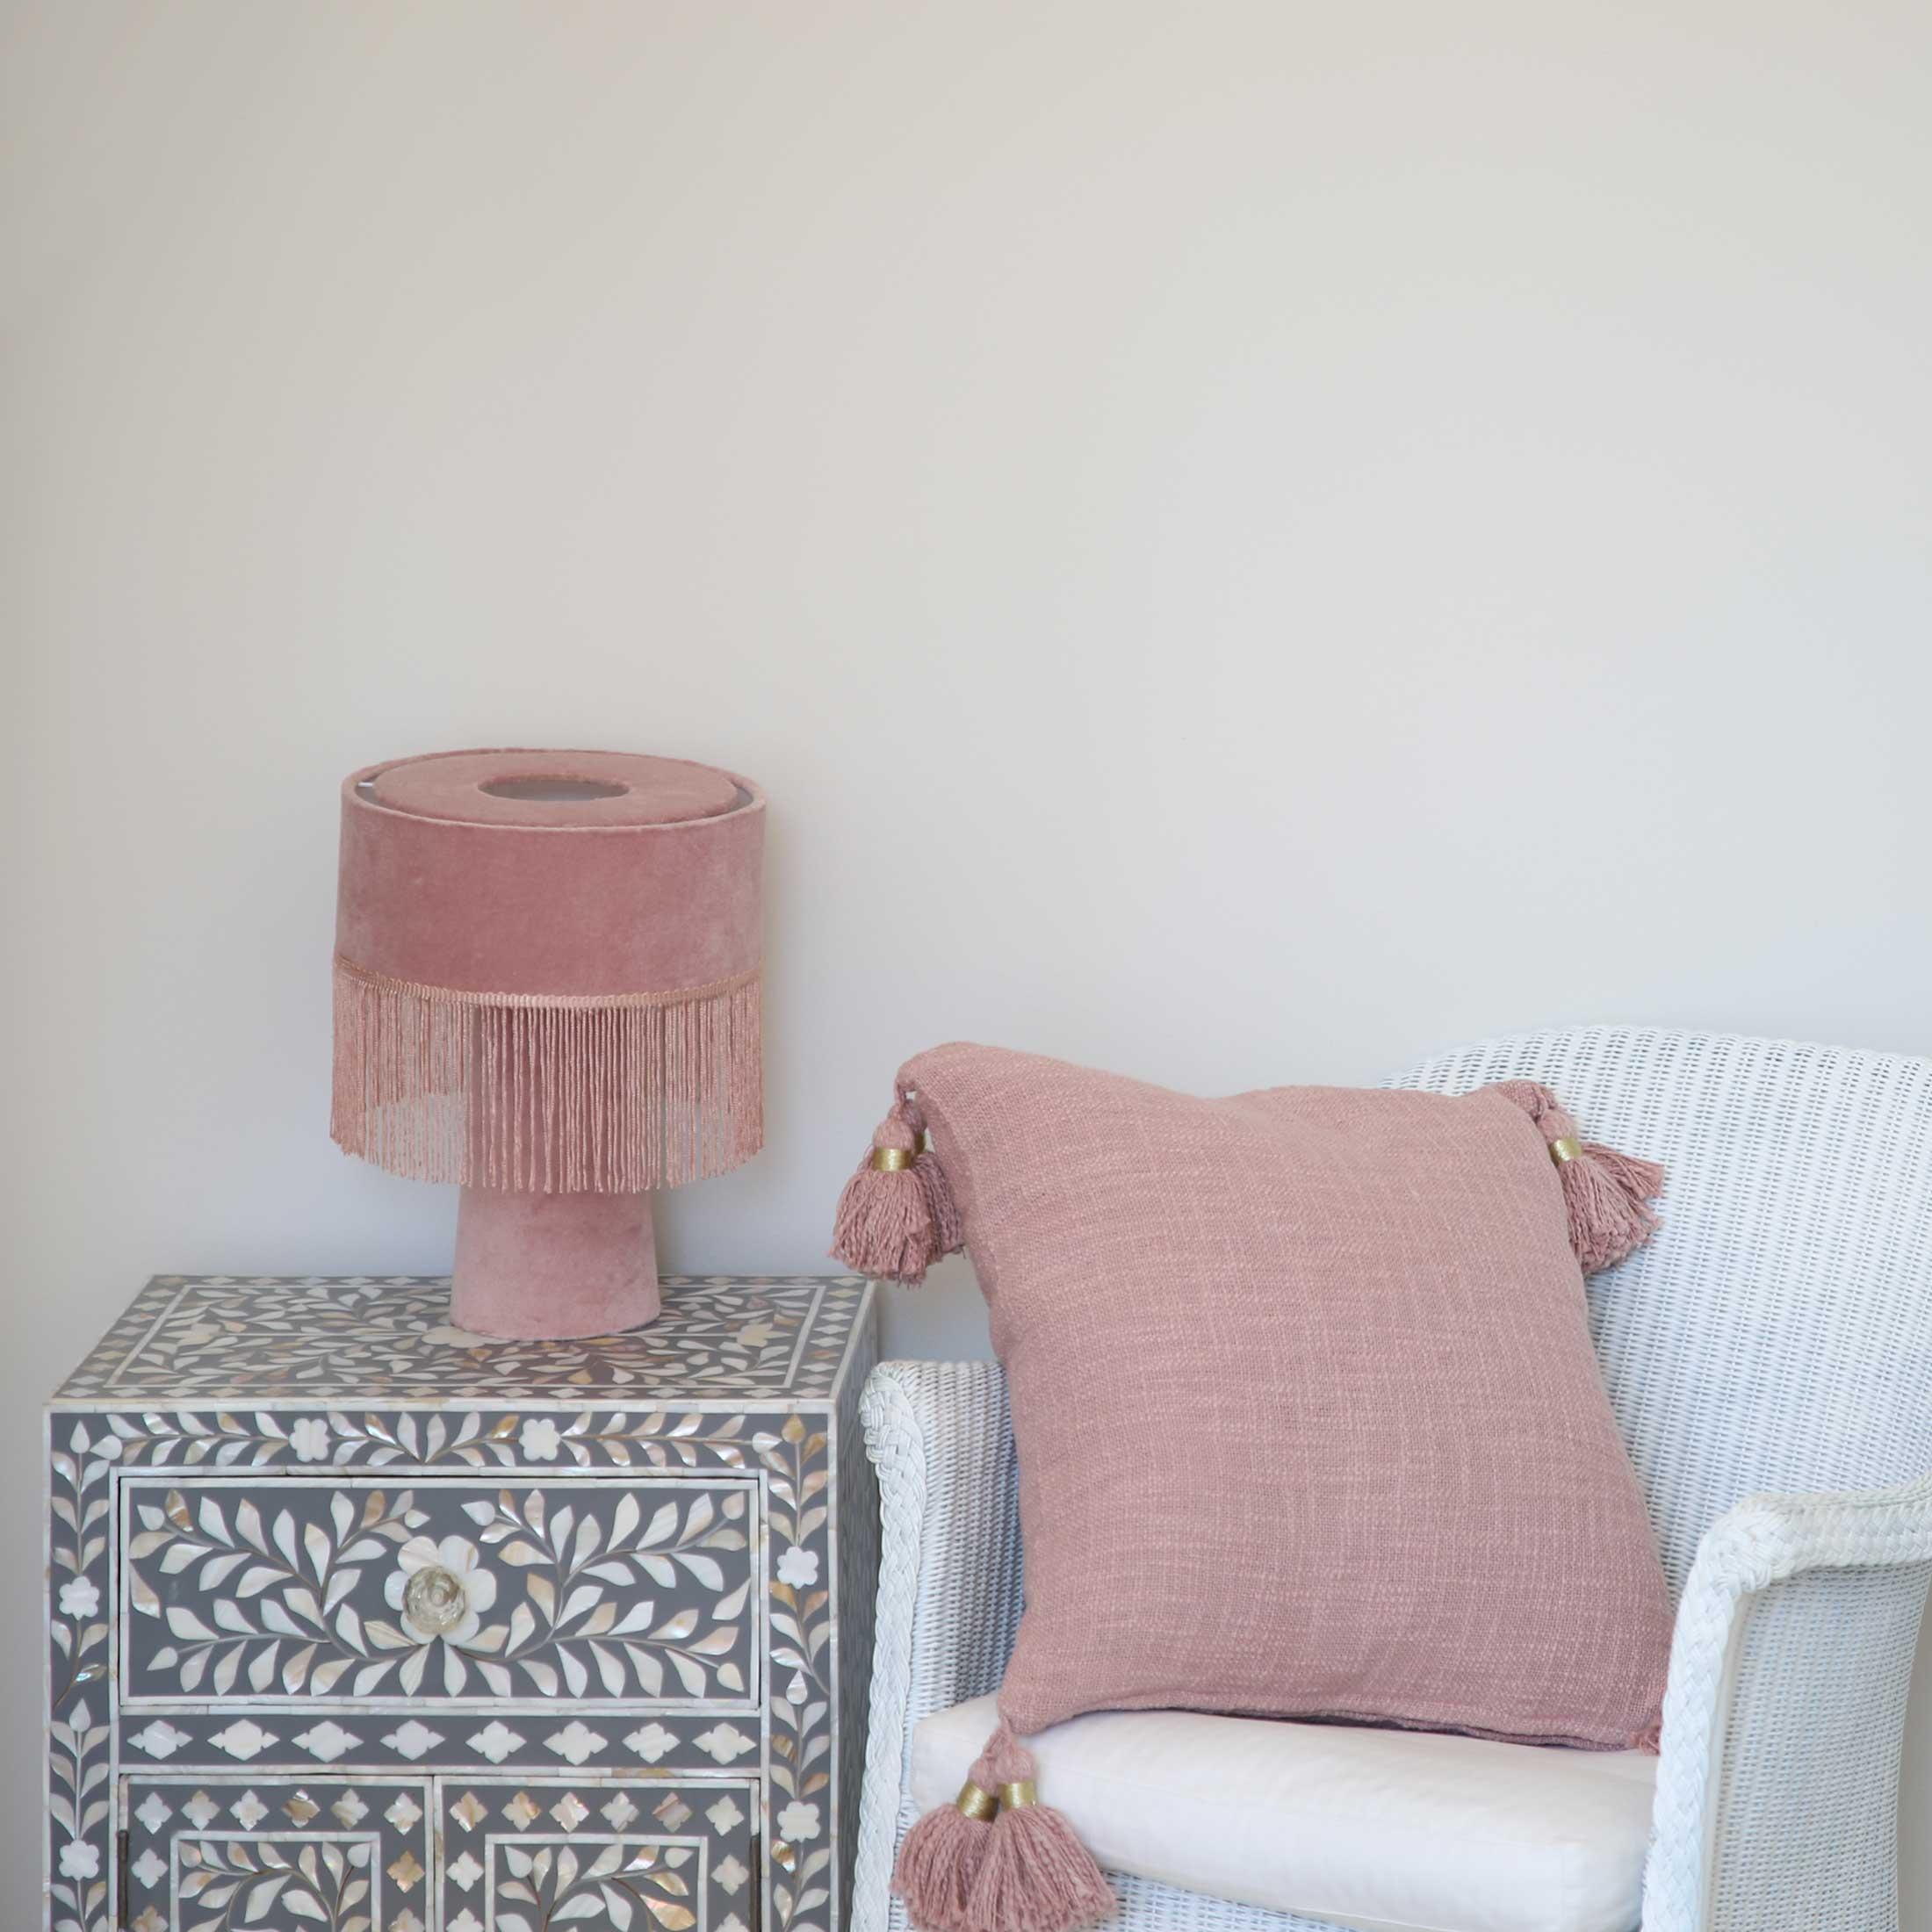 Deko Kissen in Rosa in 45 x 45 cm aus Bio Baumwolle mit süßen Bommeln von der Trendmarke Liv Interior. Deko Kissen in Rosa & Grau mit Pompom kaufen